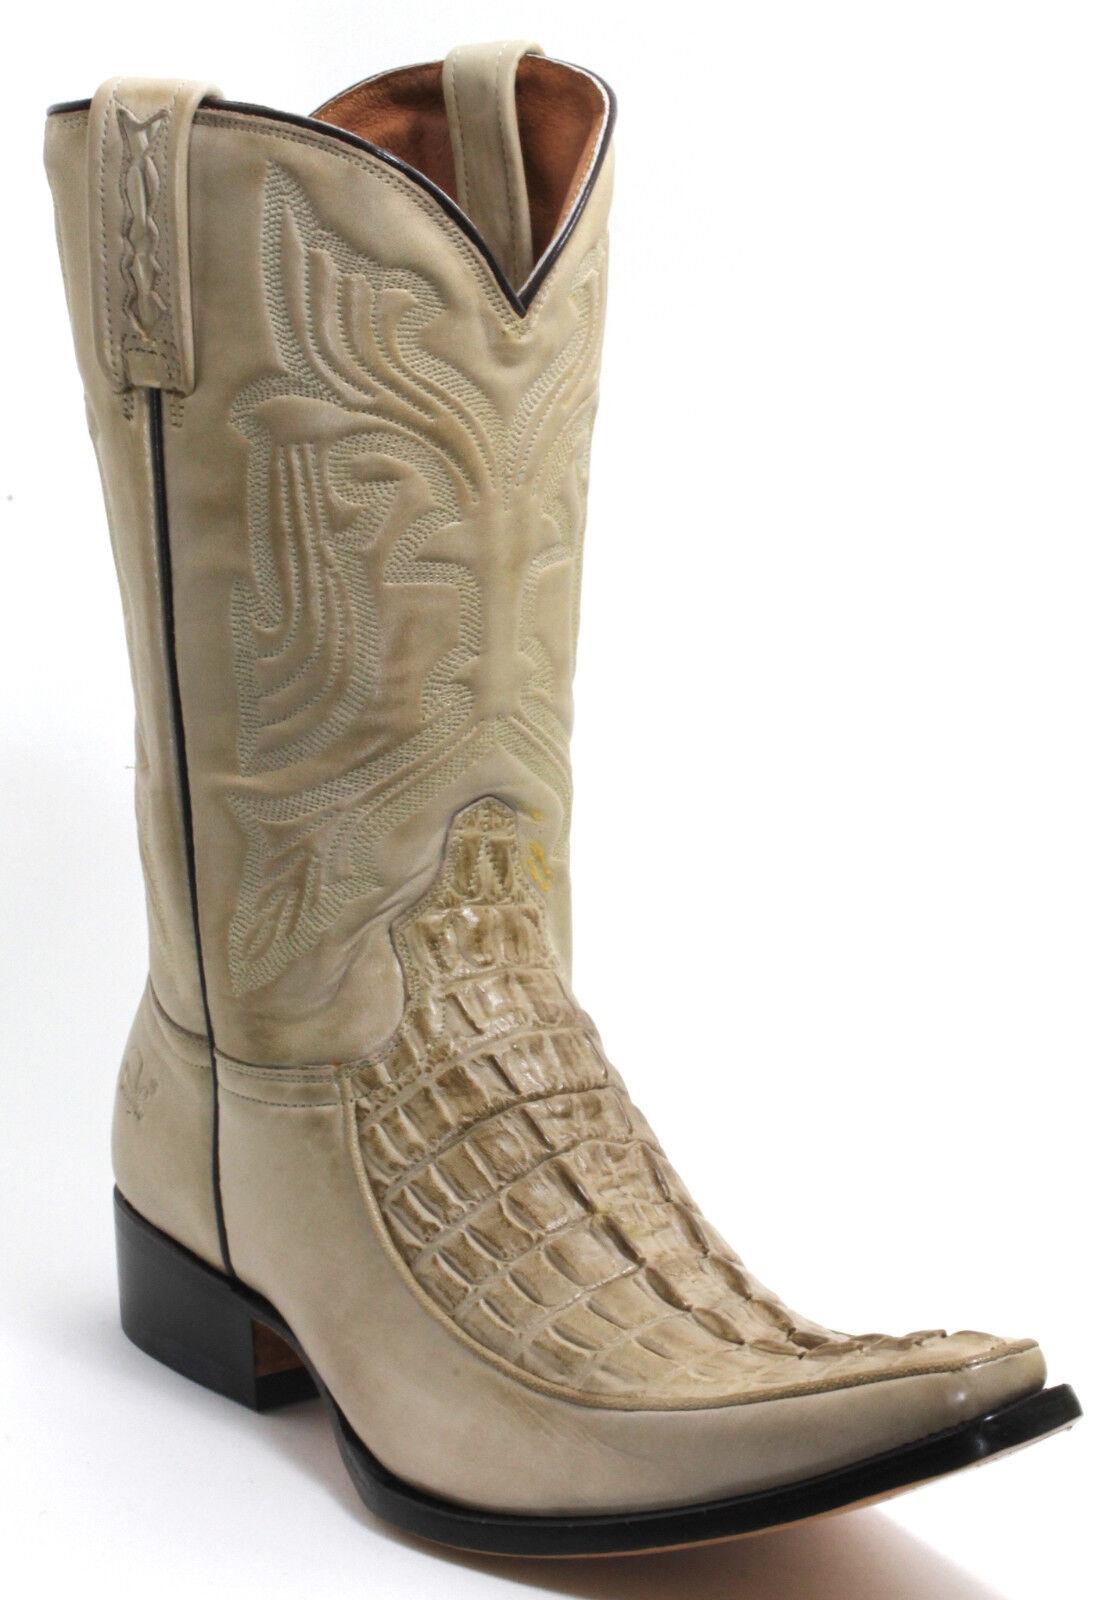 116 Cowboystiefel Westernstiefel Texas Stiefel Western Rancho Krokodil 41